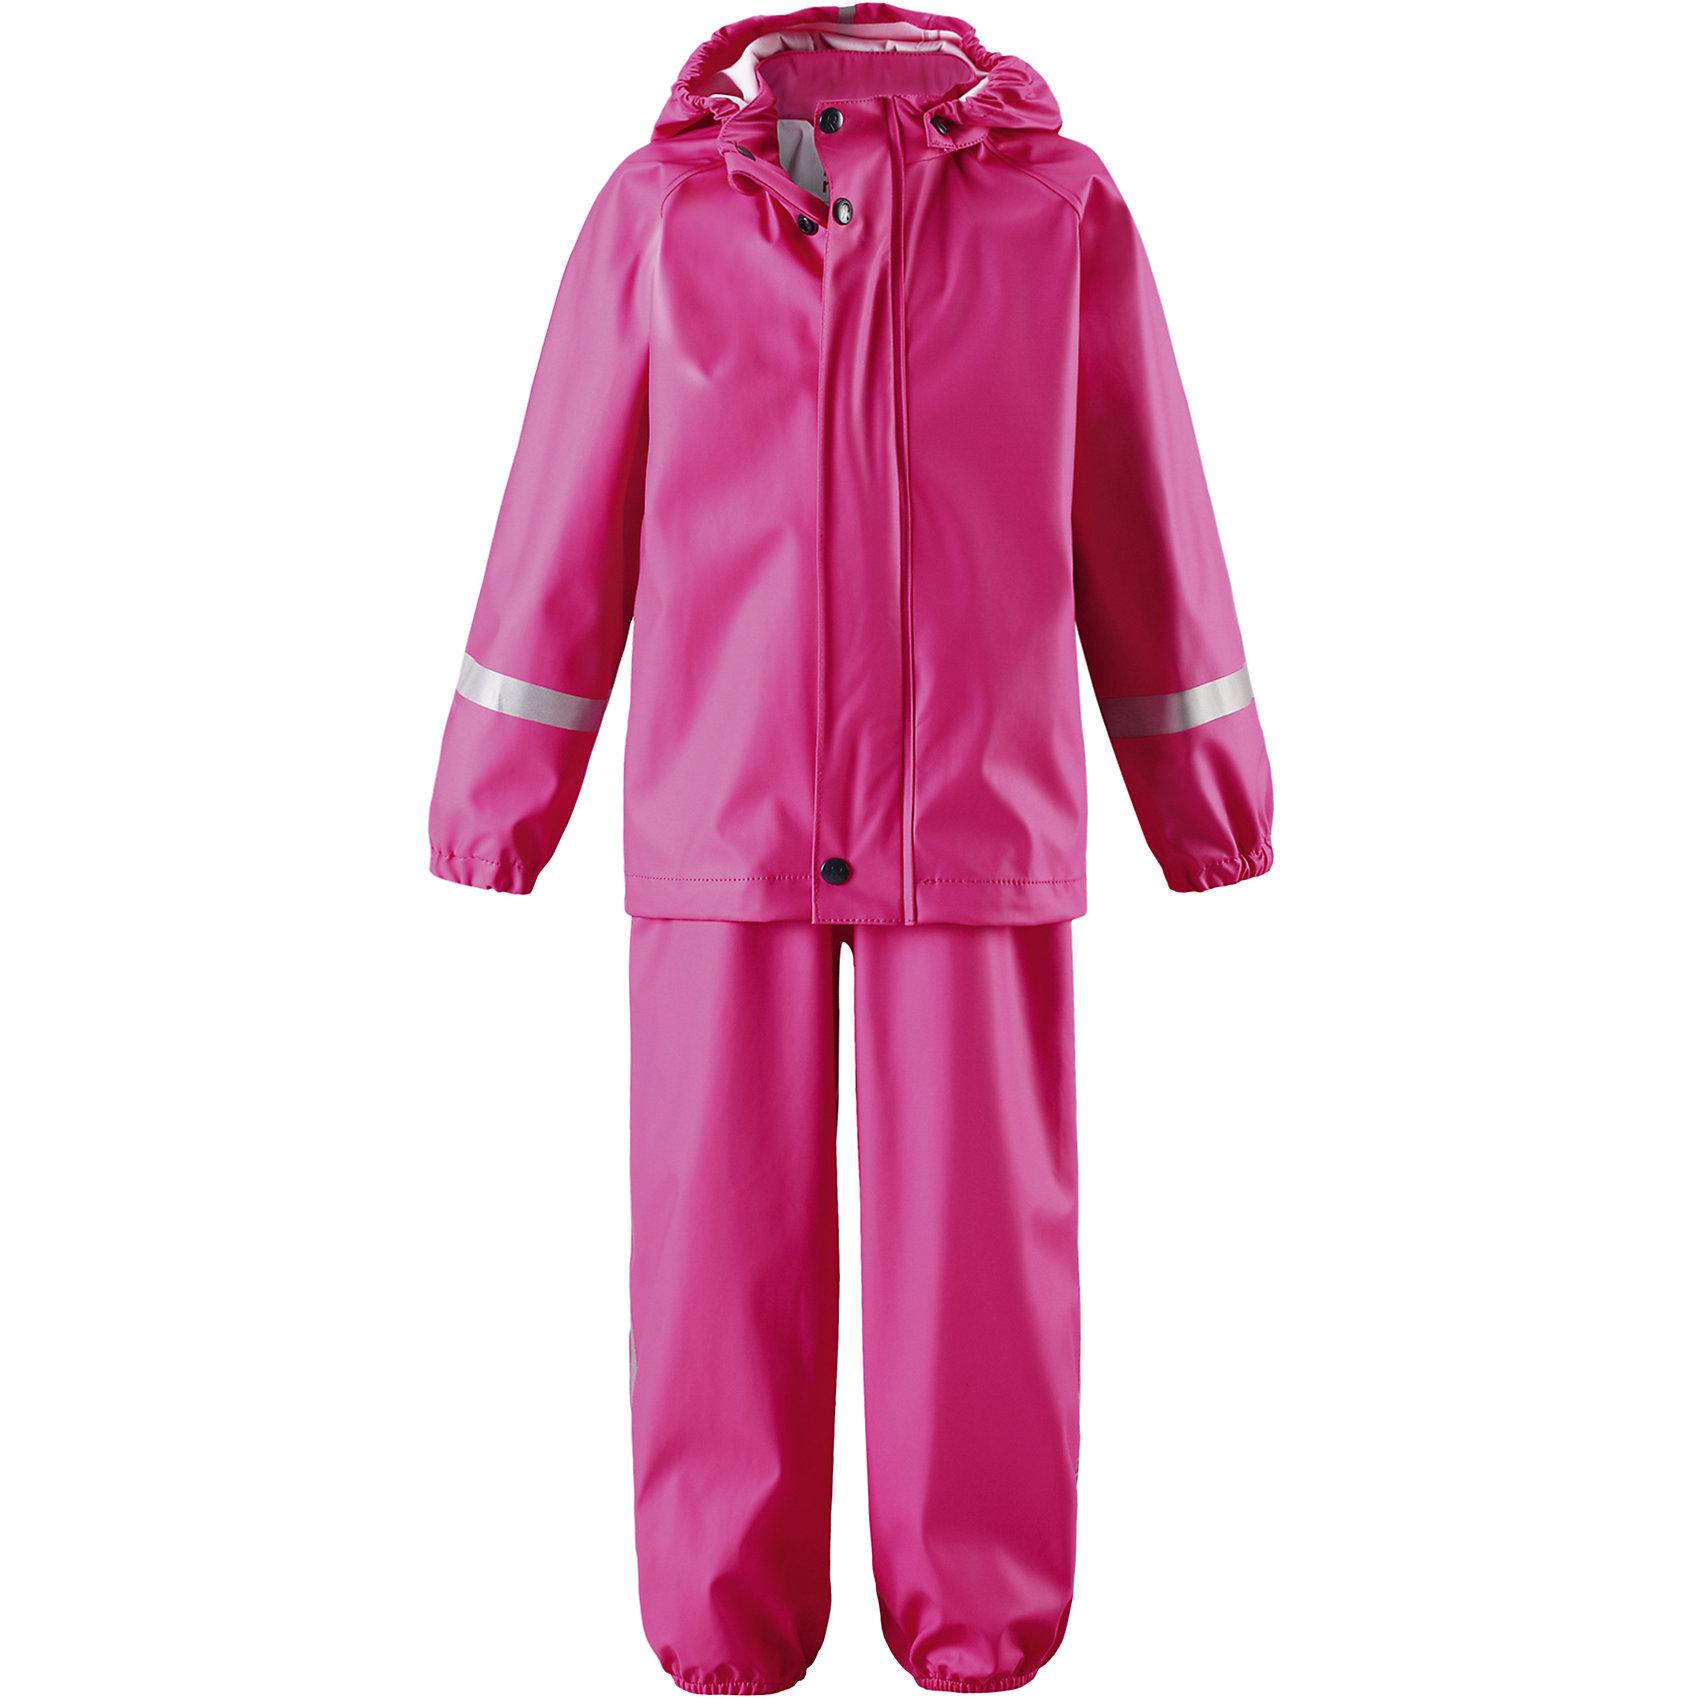 Непромокаемый комплект Tihku: куртка и брюки для девочки ReimaОдежда<br>Характеристики товара:<br><br>• цвет: розовый<br>• состав: 100% полиэстер, полиуретановое покрытие<br>• температурный режим: от +10°до +20°С<br>• водонепроницаемость: 10000 мм<br>• без утеплителя<br>• комплектация: куртка, штаны<br>• водонепроницаемый материал с запаянными швами<br>• эластичный материал<br>• не содержит ПВХ<br>• безопасный съемный капюшон<br>• эластичные манжеты <br>• регулируемая талия<br>• эластичные манжеты на брючинах<br>• комфортная посадка<br>• съемные эластичные штрипки <br>• регулируемые подтяжки<br>• спереди застёгивается на молнию<br>• светоотражающие детали<br>• страна производства: Китай<br>• страна бренда: Финляндия<br>• коллекция: весна-лето 2017<br><br>Демисезонный комплект из куртки и штанов поможет обеспечить ребенку комфорт и тепло. Предметы отлично смотрятся с различной одеждой. Комплект удобно сидит и модно выглядит. Материал отлично подходит для дождливой погоды. Стильный дизайн разрабатывался специально для детей.<br><br>Обувь и одежда от финского бренда Reima пользуются популярностью во многих странах. Они стильные, качественные и удобные. Для производства продукции используются только безопасные, проверенные материалы и фурнитура.<br><br>Комплект: куртка и брюки для мальчика от финского бренда Reima (Рейма) можно купить в нашем интернет-магазине.<br><br>Ширина мм: 356<br>Глубина мм: 10<br>Высота мм: 245<br>Вес г: 519<br>Цвет: розовый<br>Возраст от месяцев: 24<br>Возраст до месяцев: 36<br>Пол: Женский<br>Возраст: Детский<br>Размер: 98,104,110,116,74,80,86,92<br>SKU: 5265445